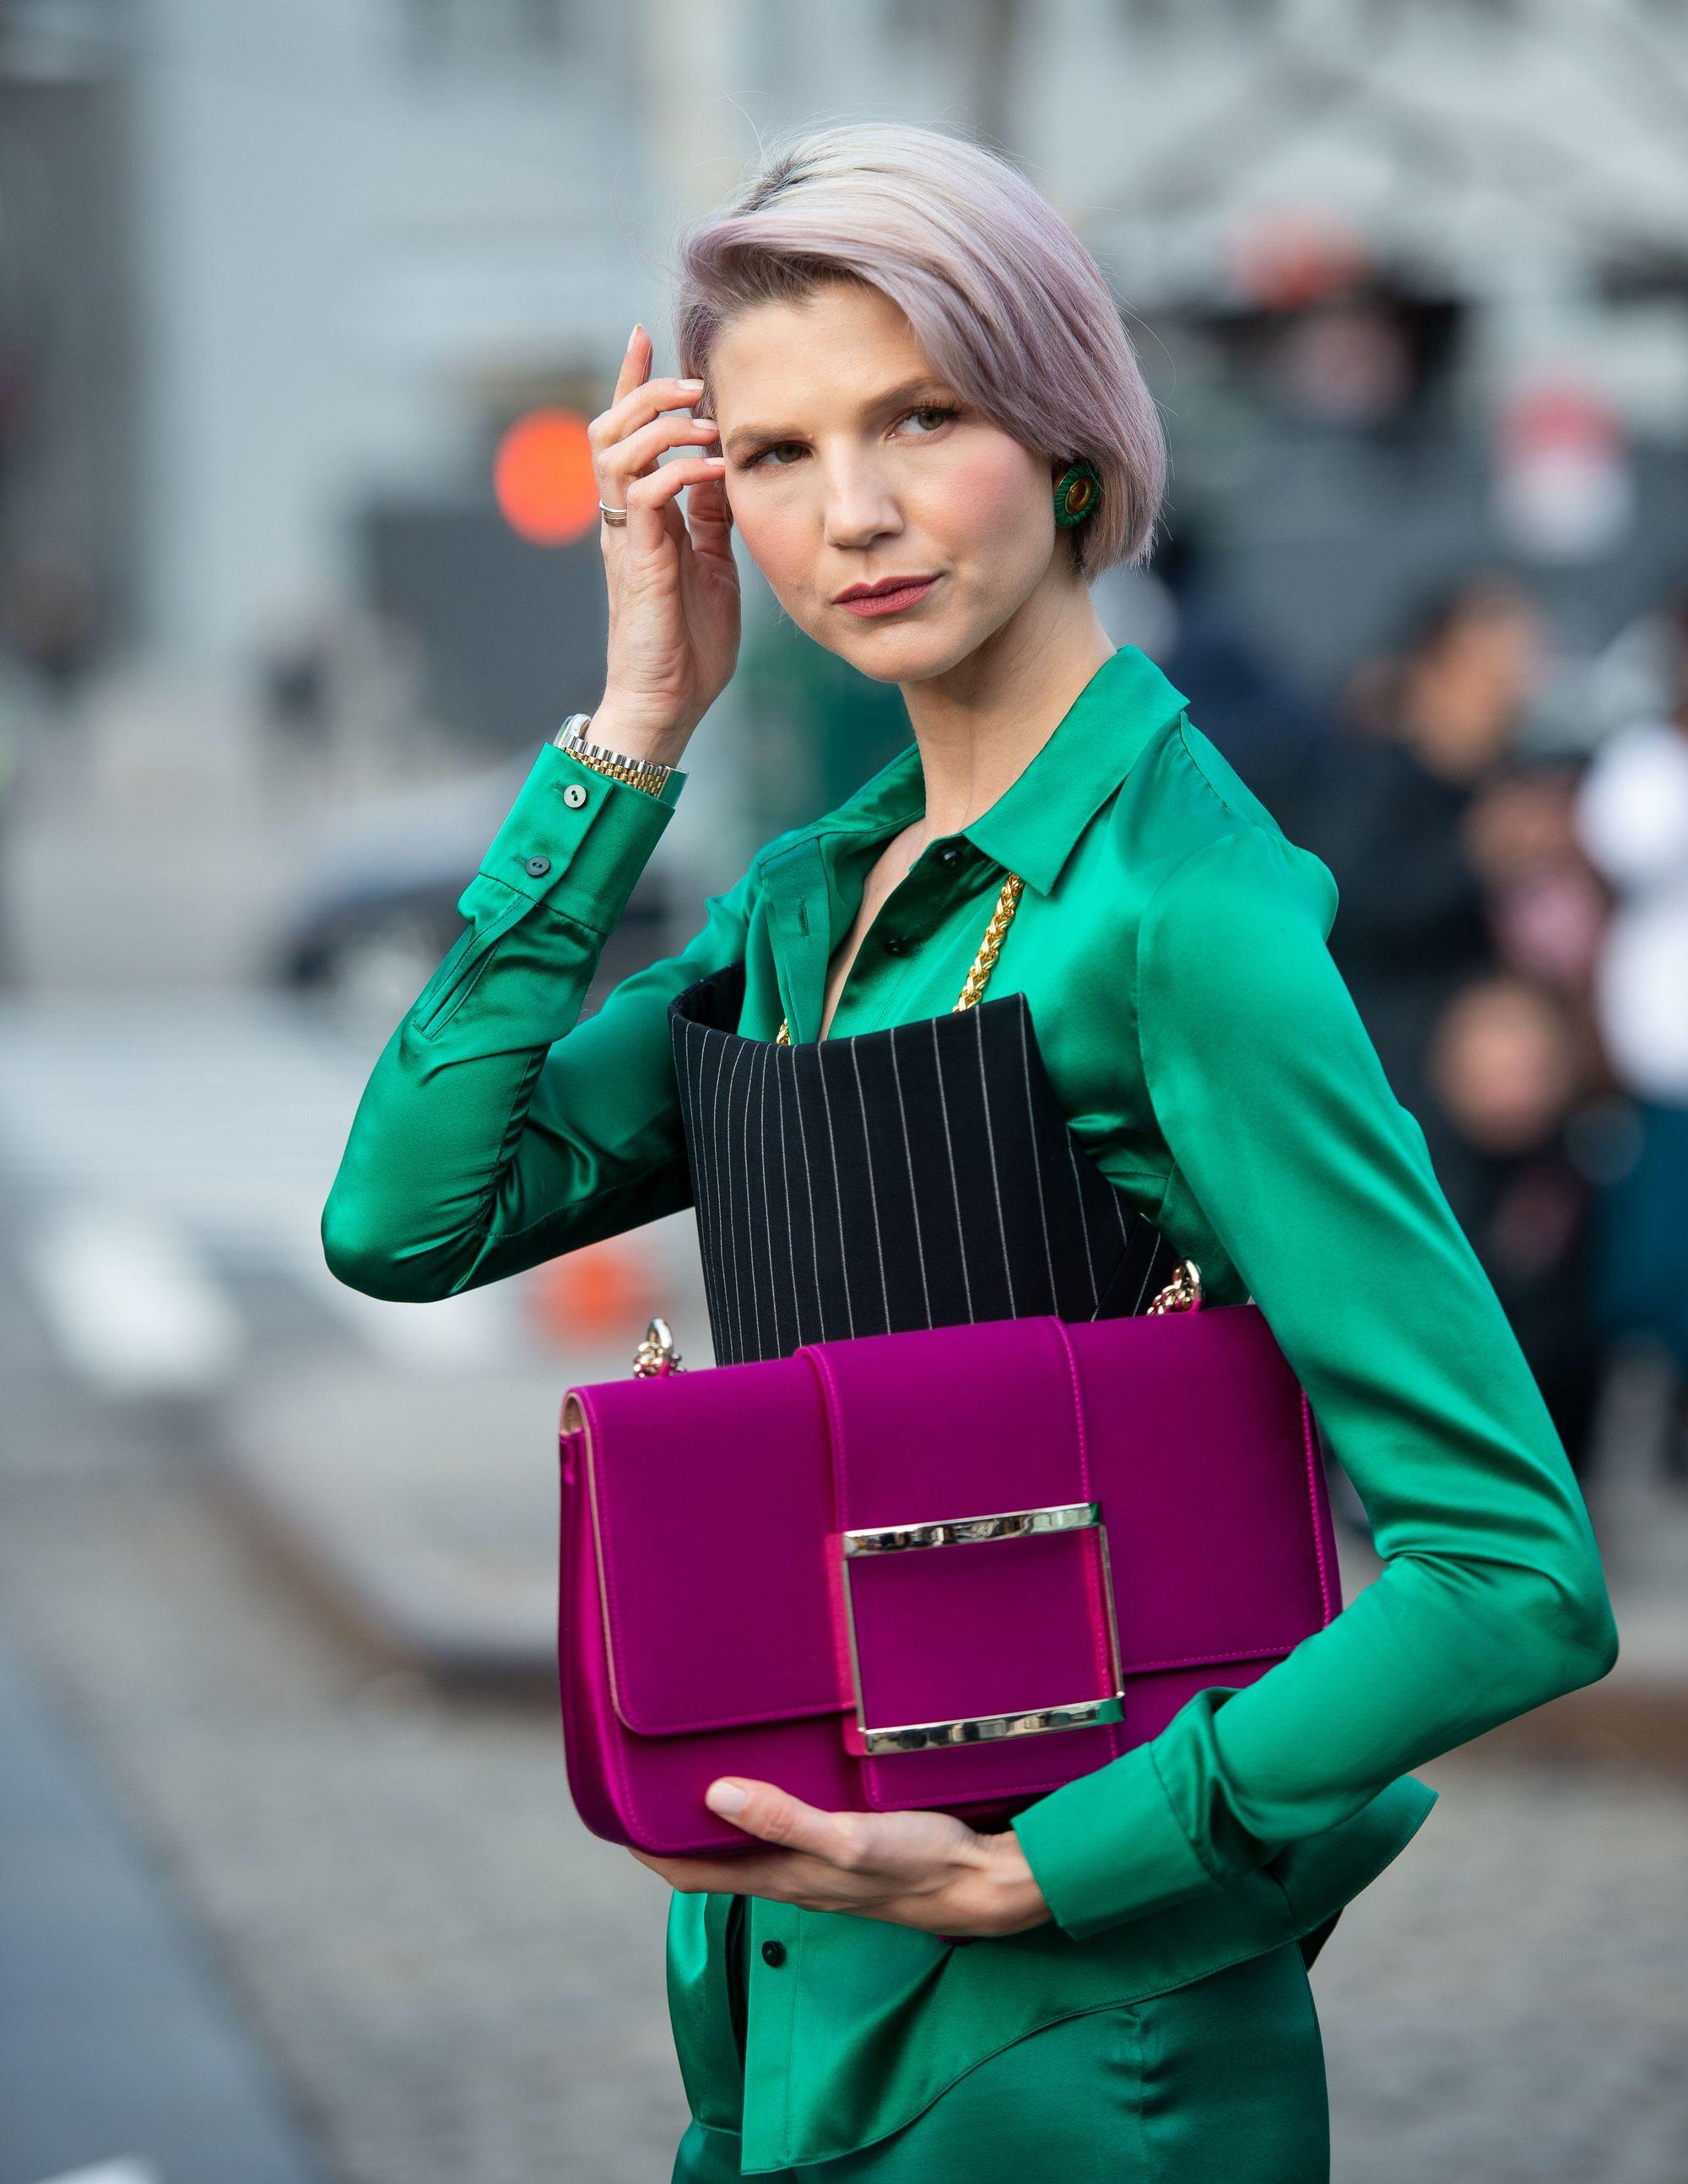 Femme avec un cheveu blond cendré avec un lavis lilas, portant un costume vert émeraude et tenant un sac violet à l'extérieur.